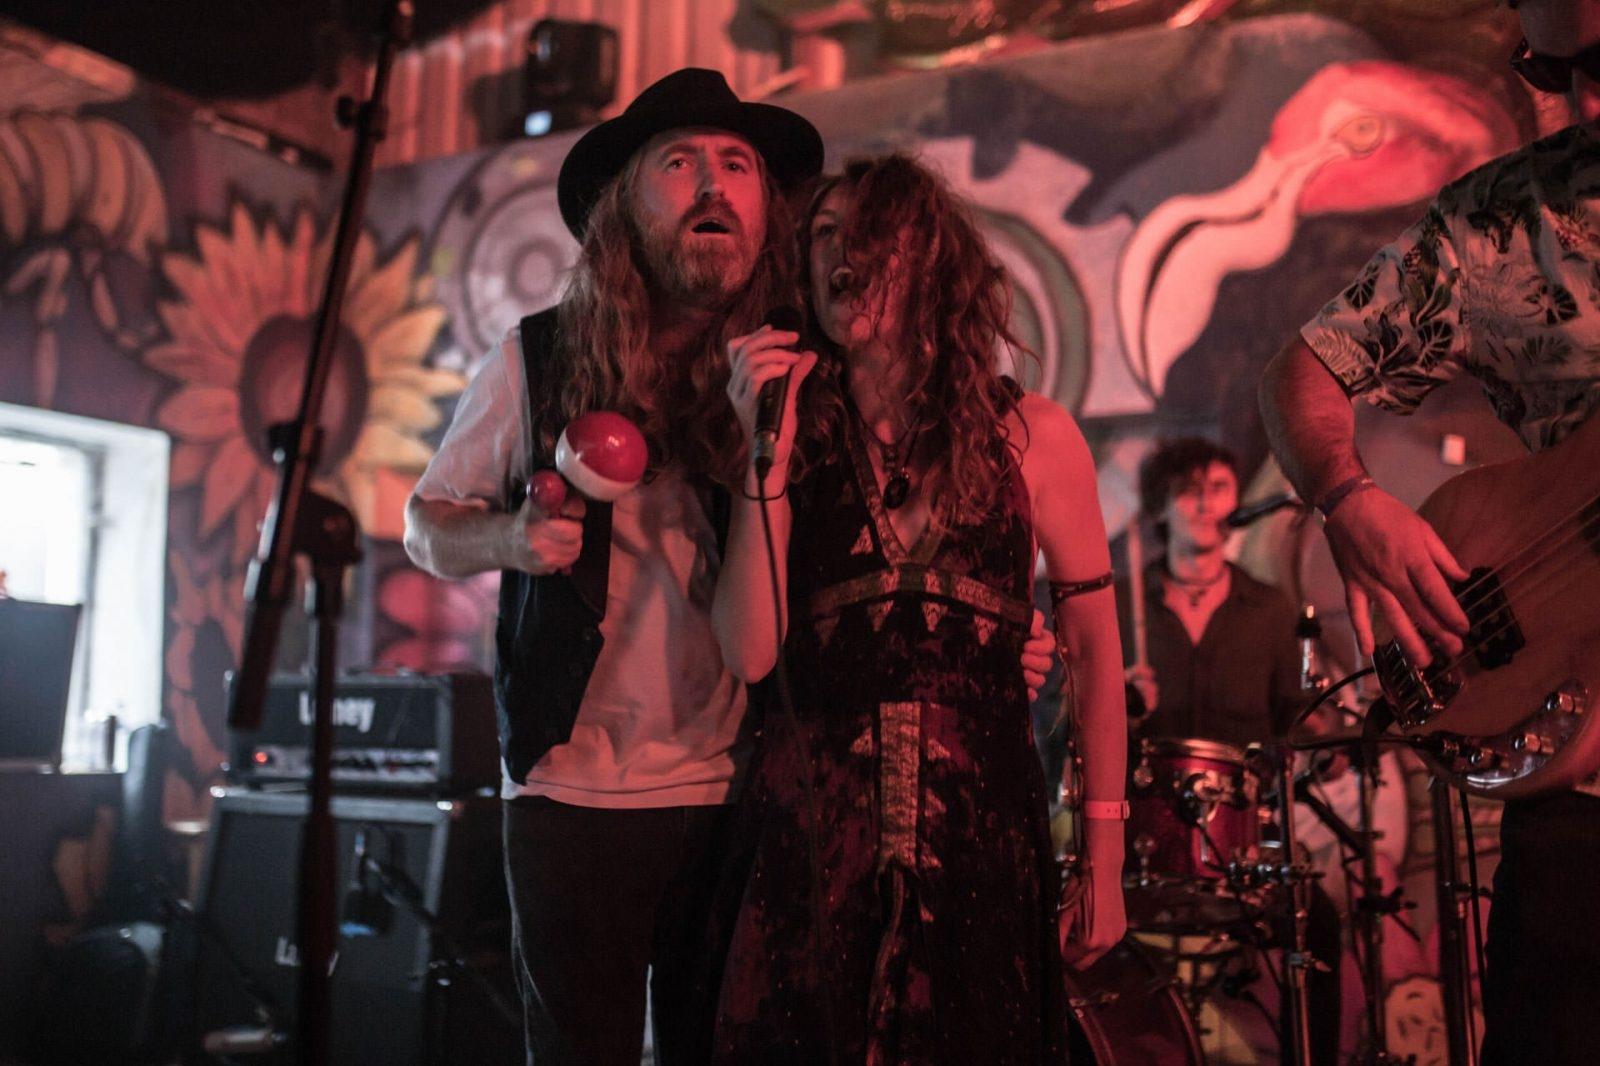 The Unholy Gospel Band - Sunflowerfest 2017, Tubby's Farm